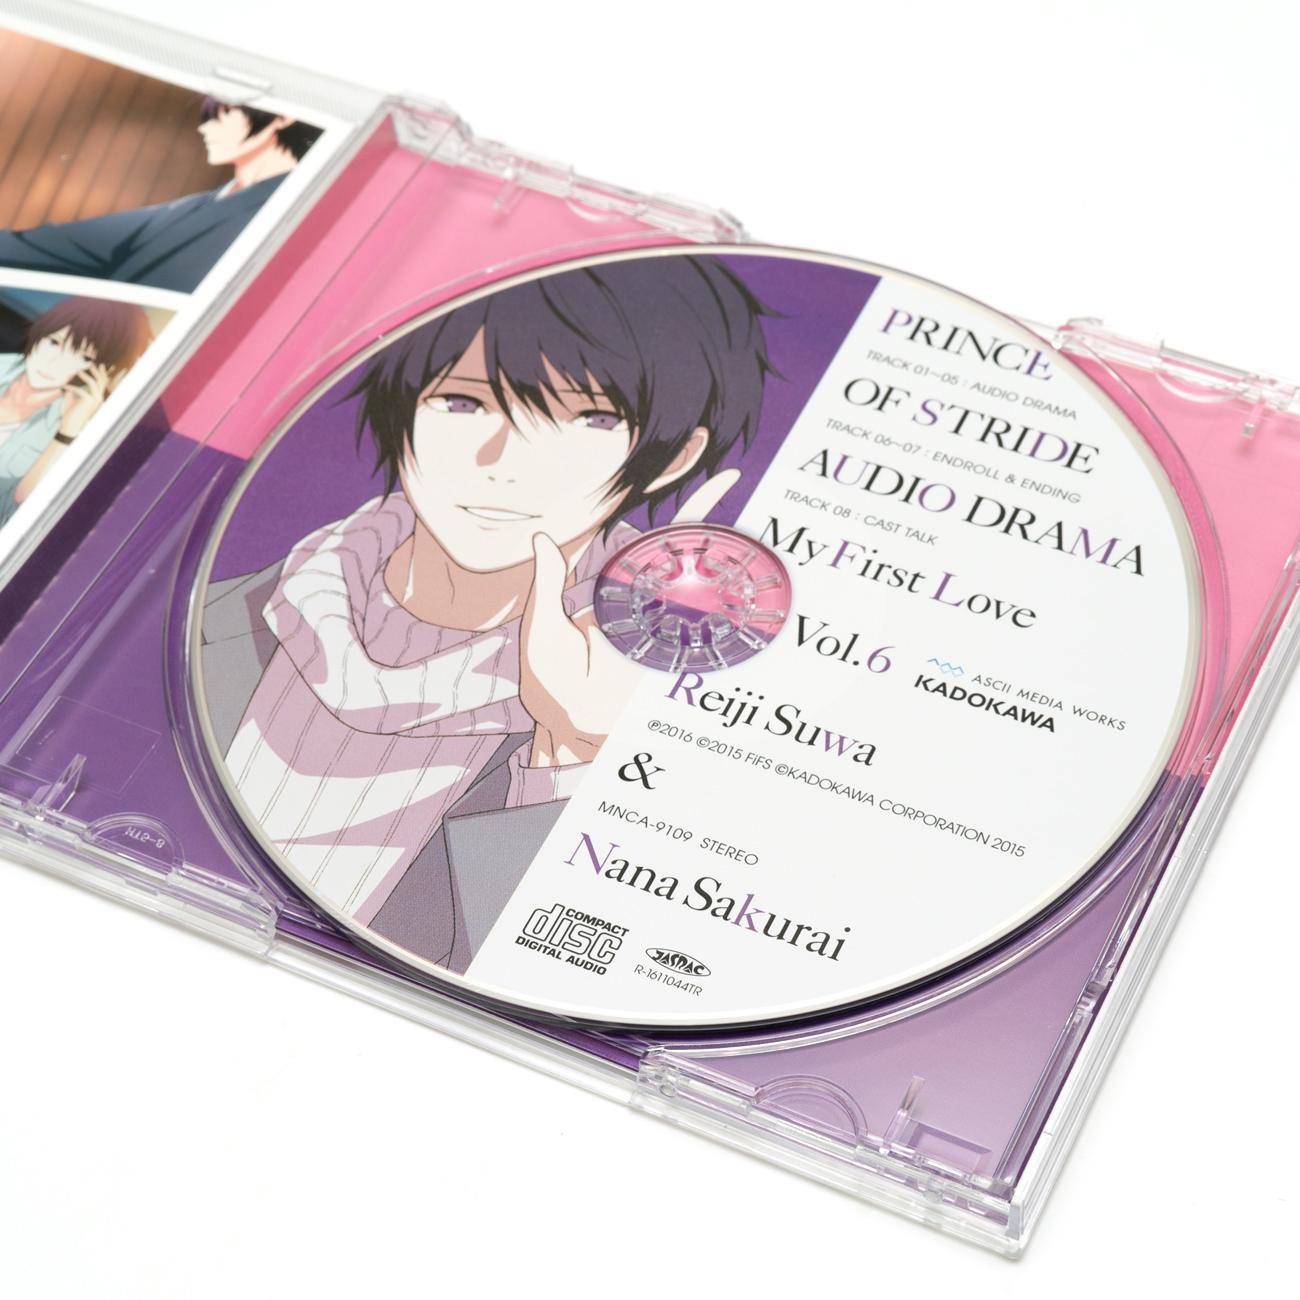 プリンス・オブ・ストライド オーディオドラマ MY FIRST LOVE Vol.4〜6